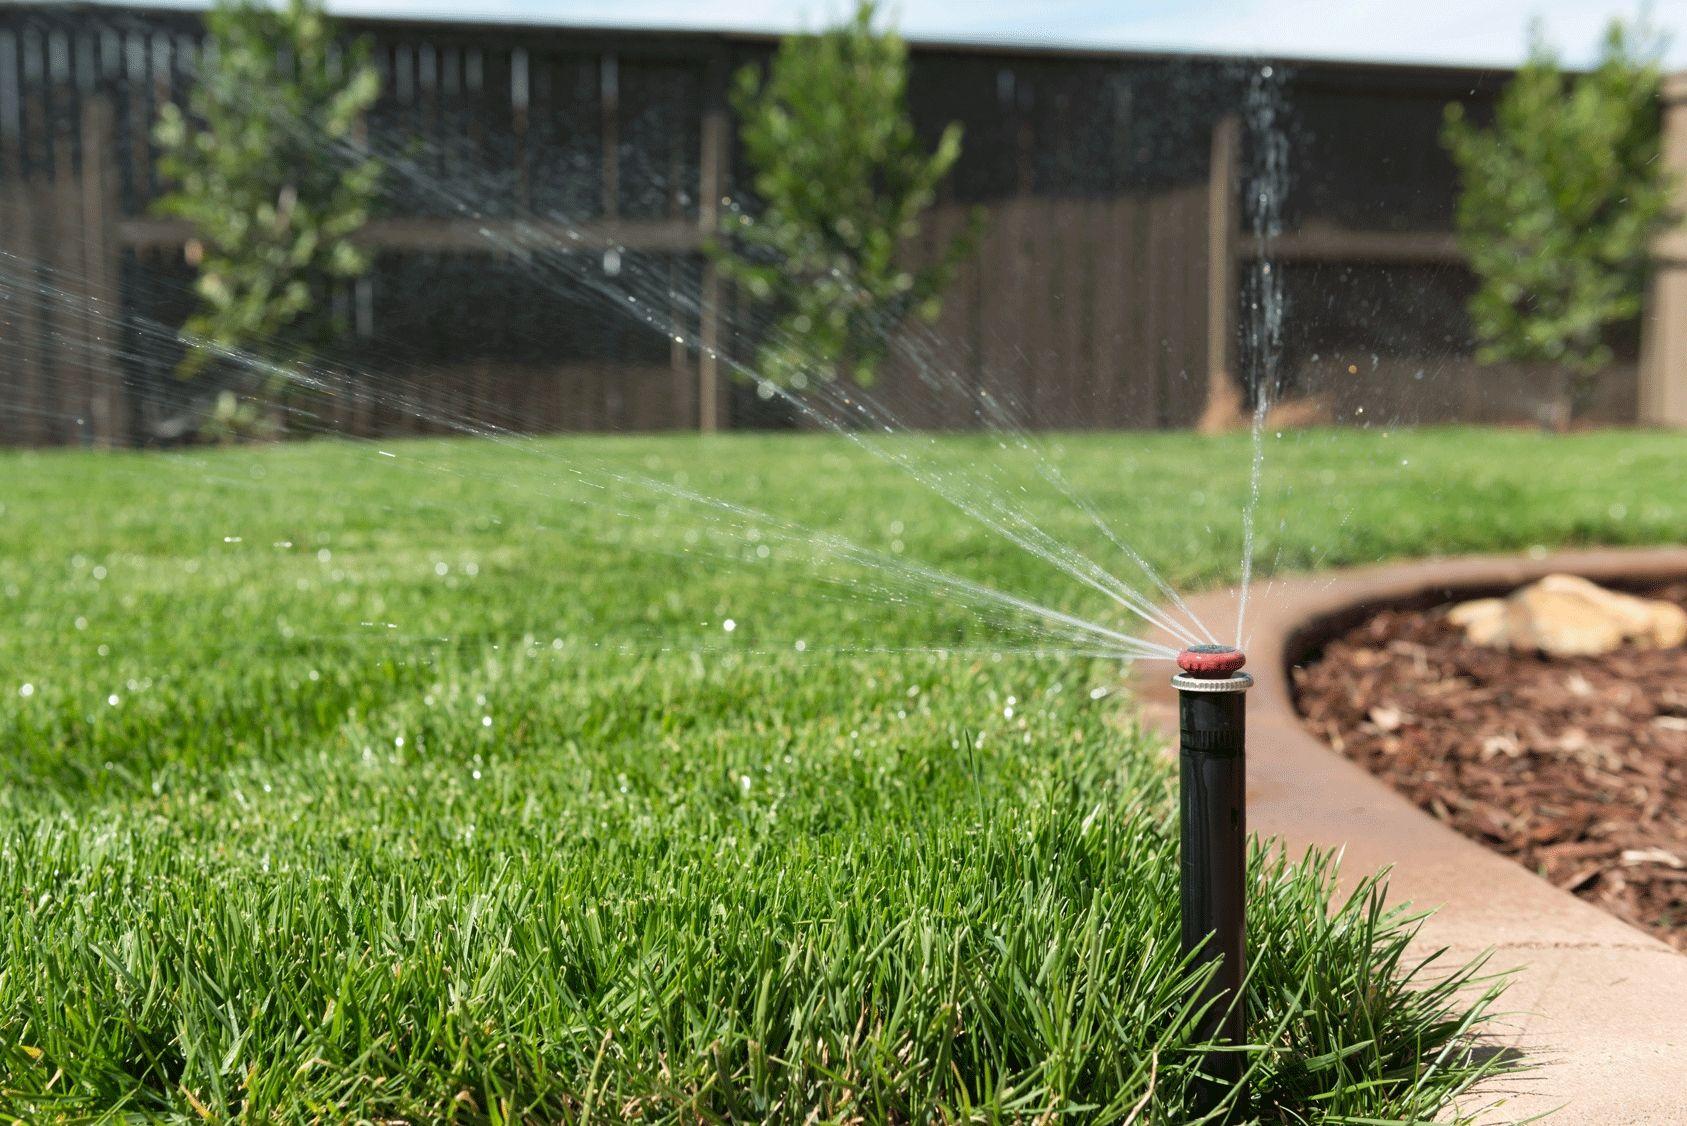 39 départements doivent se restreindre en eau pour cause de sécheresse